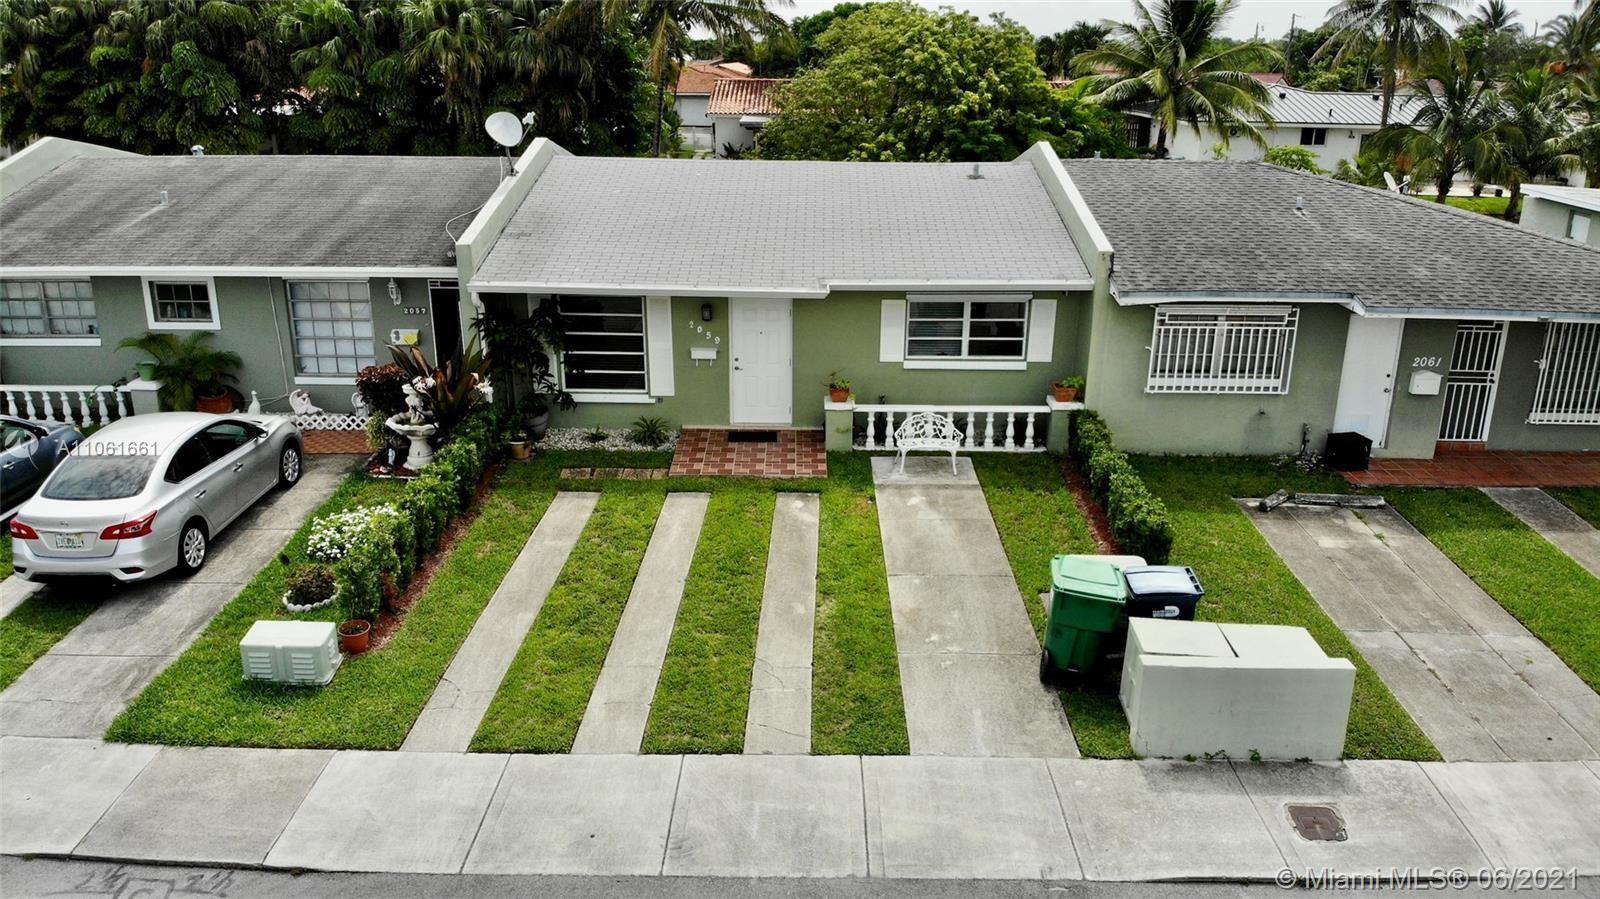 2059 SW 100th Ct, Miami, FL 33165 - #: A11061661